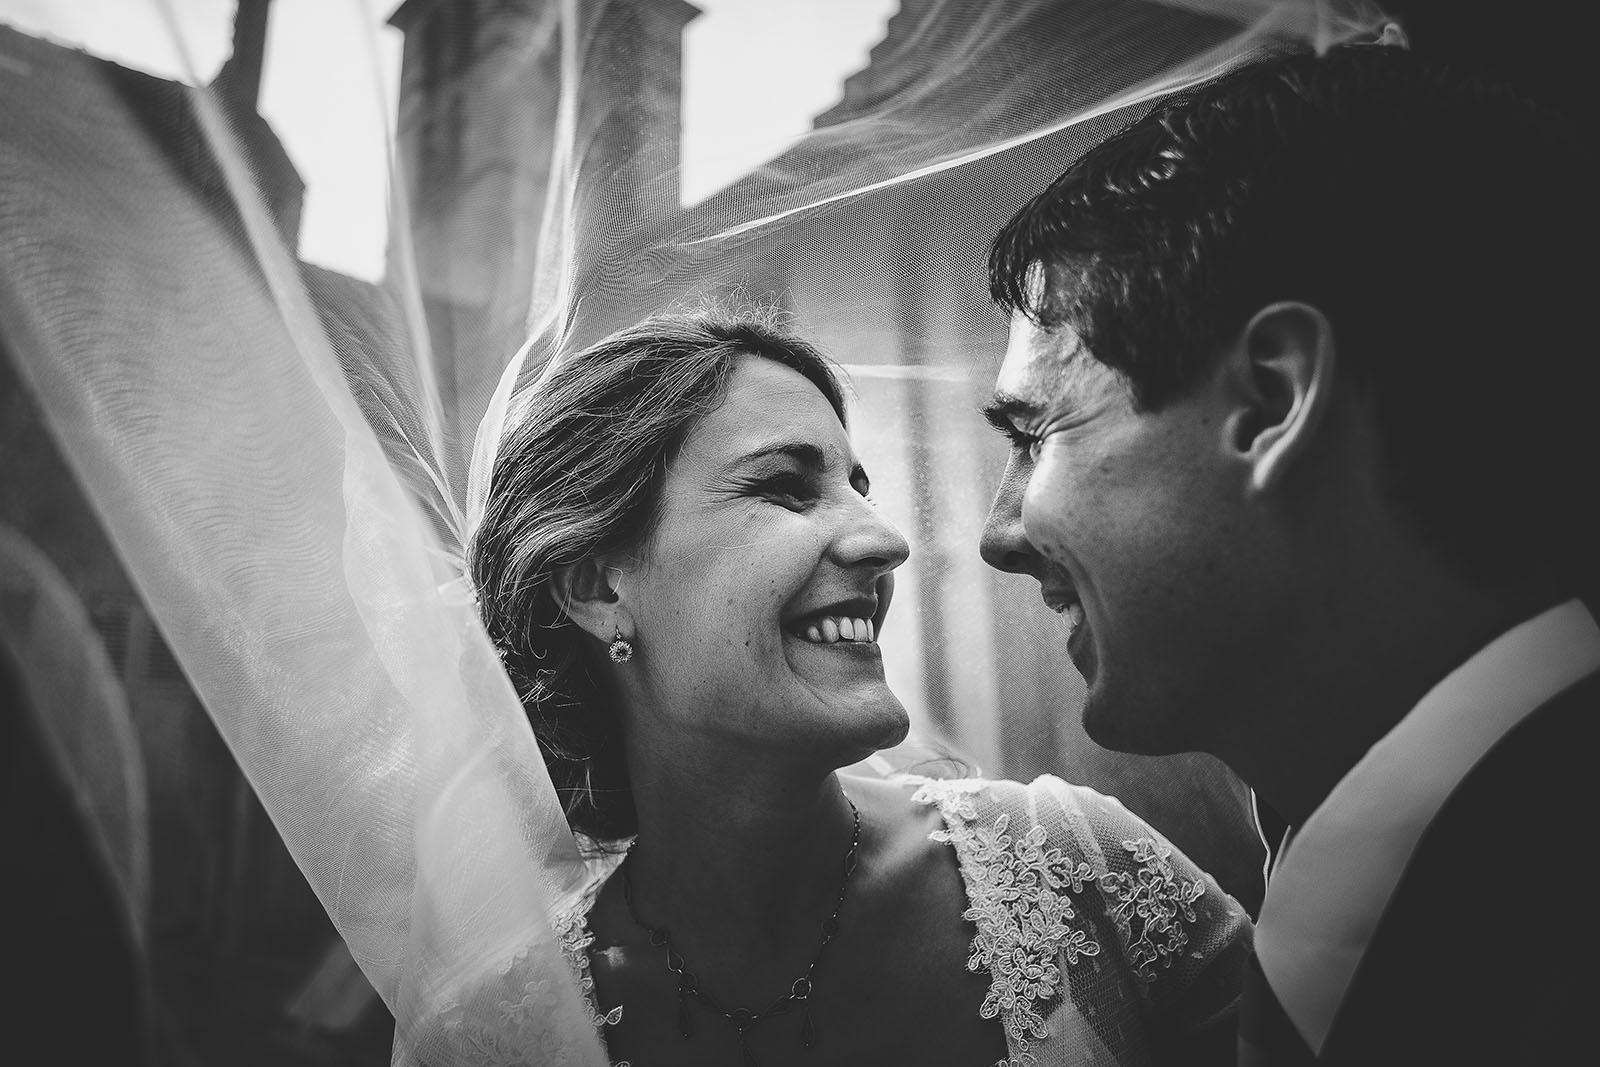 Mariage témoignage de la marié contente de son photographe. Le mariage a eu lieu à Lyon il s'agit d'une photo de couple sous le voile devant l'église. David Pommier photographe de mariage à Lyon